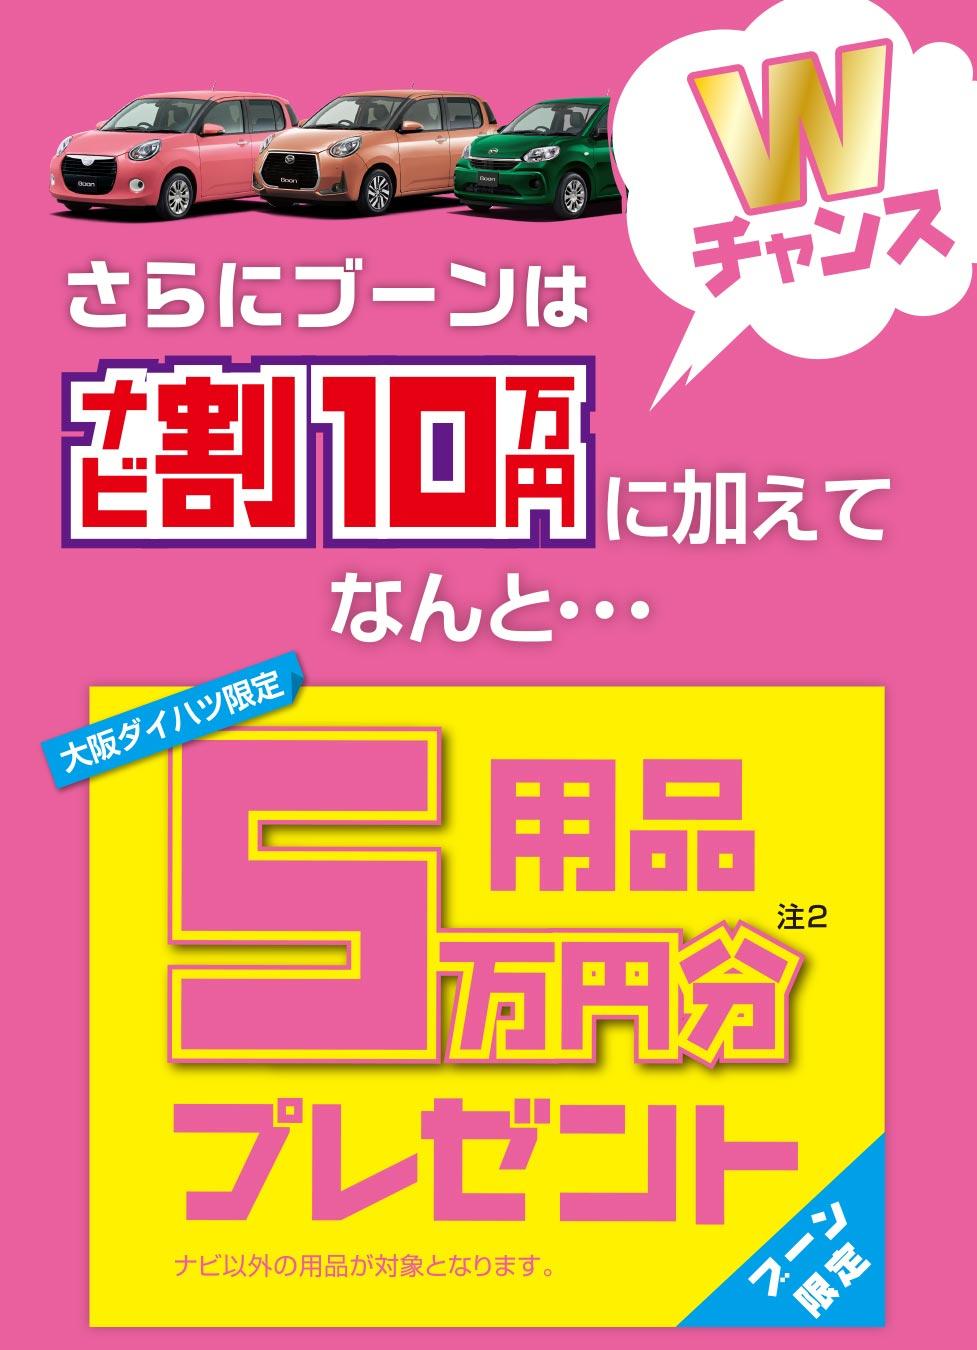 ブーン限定用品5万円プレゼント